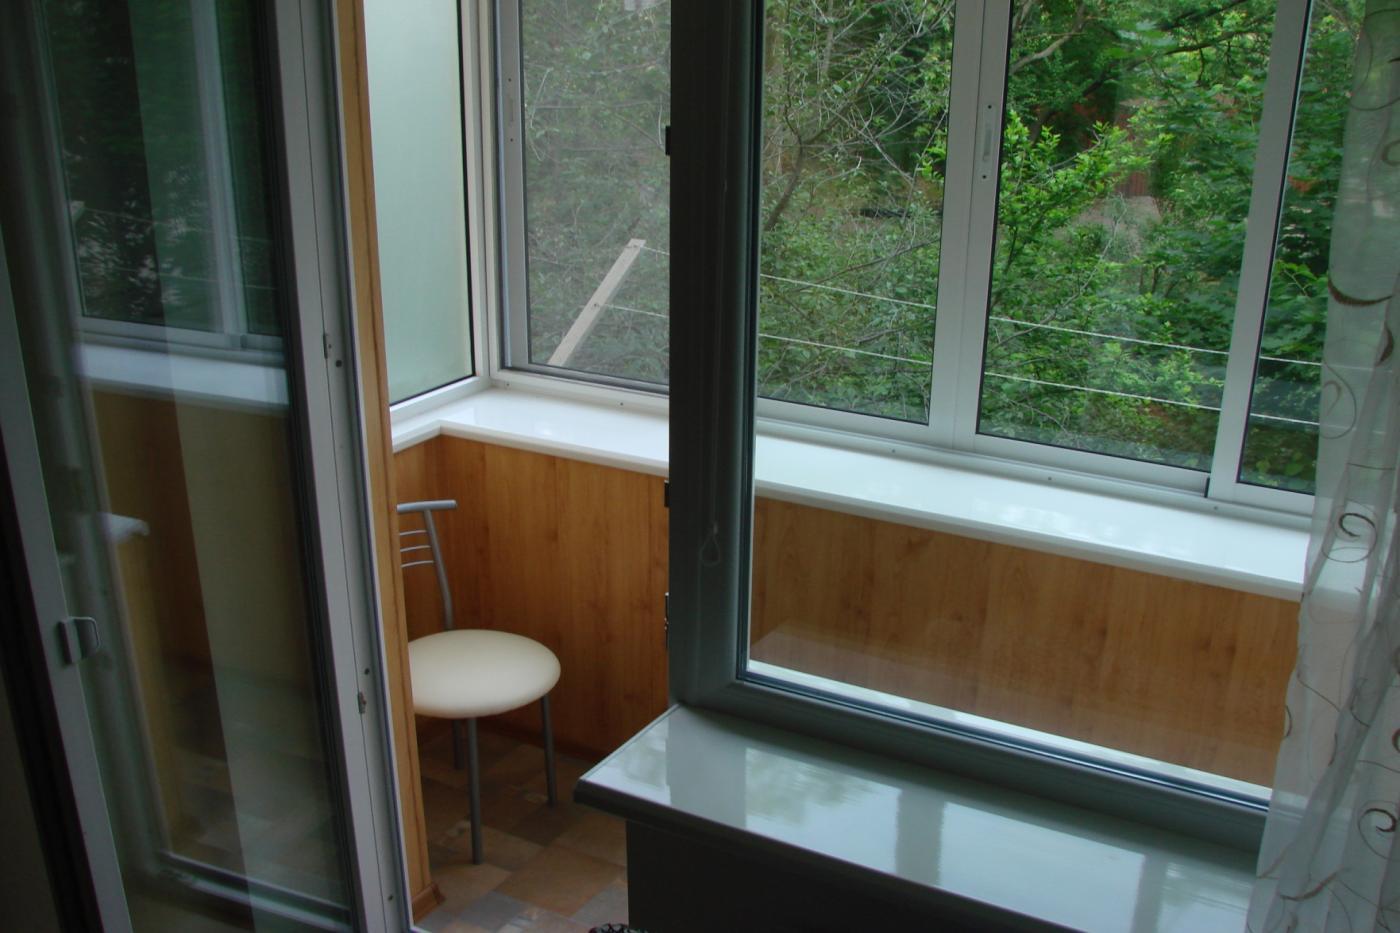 1-комнатная квартира посуточно (вариант № 1355), ул. Ефремова улица, фото № 2